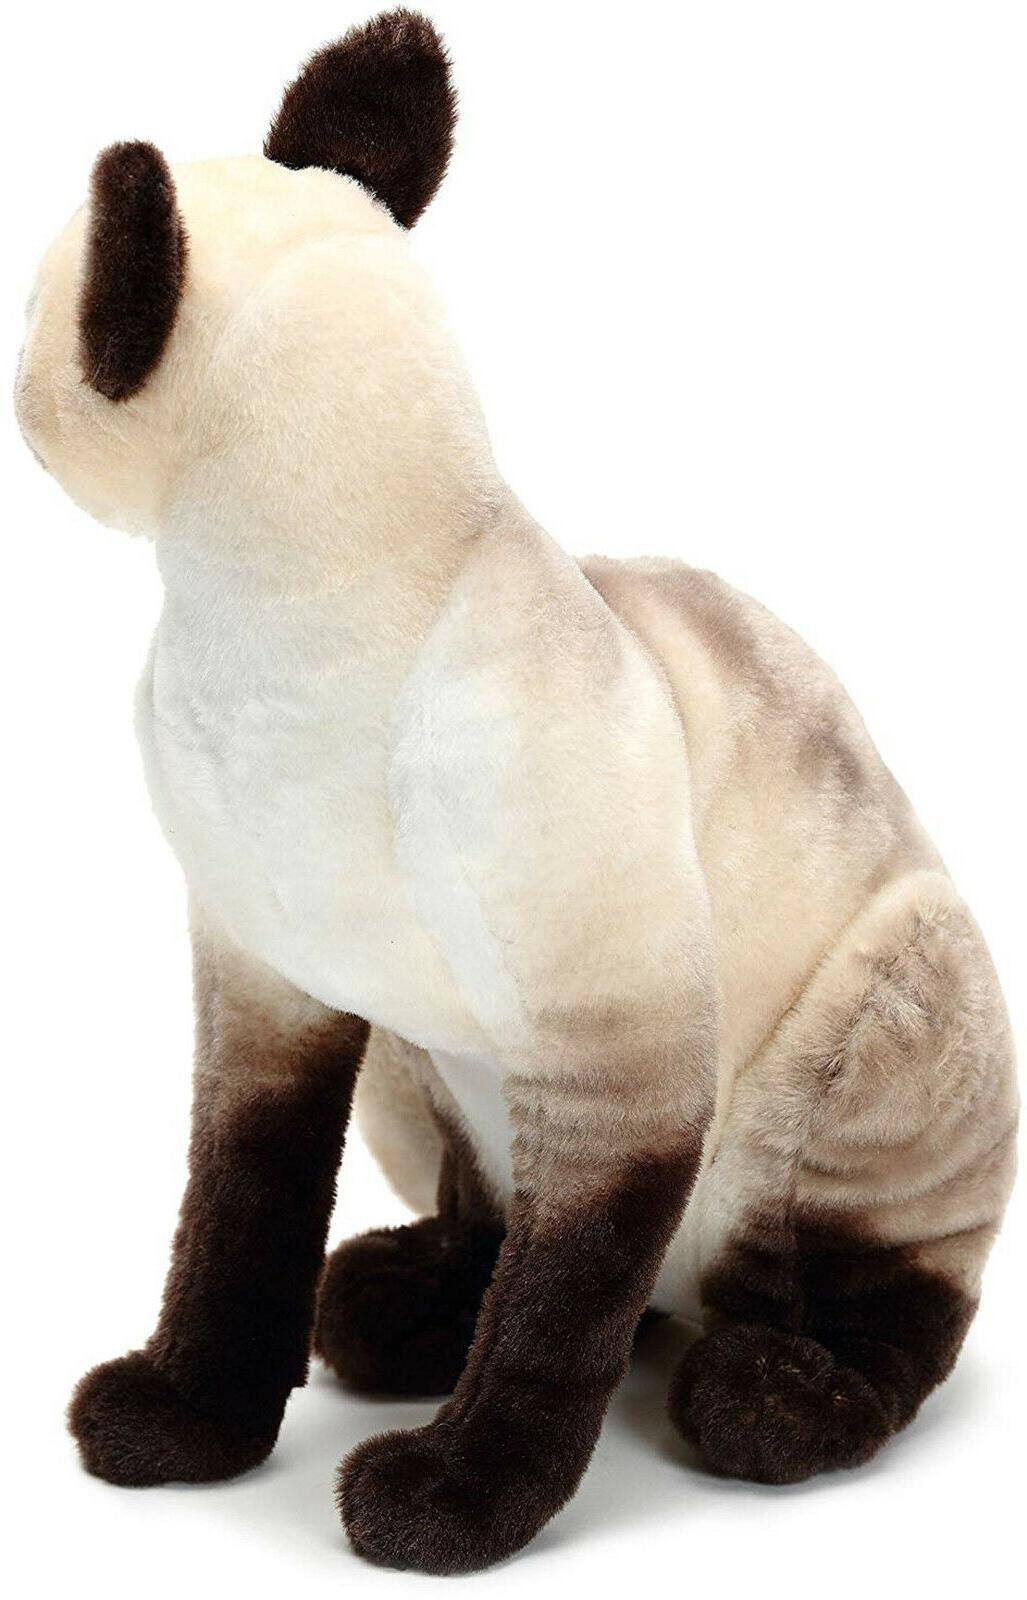 Plush, Kids And Stuffed Animal Toy